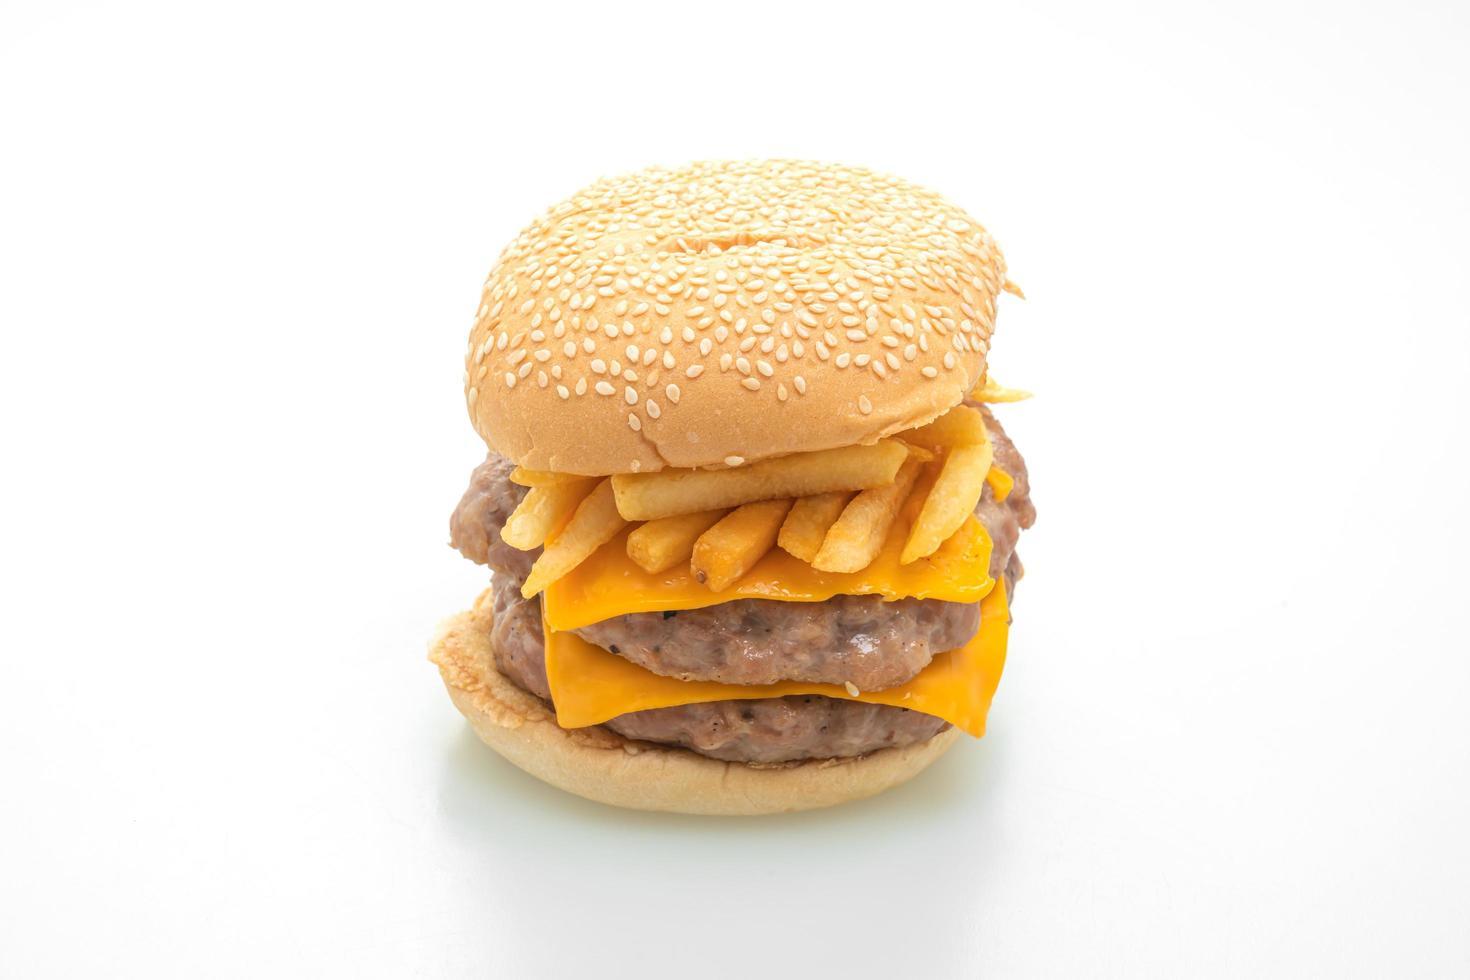 Hamburguesa de cerdo o hamburguesa de cerdo con queso y papas fritas aislado sobre fondo blanco. foto